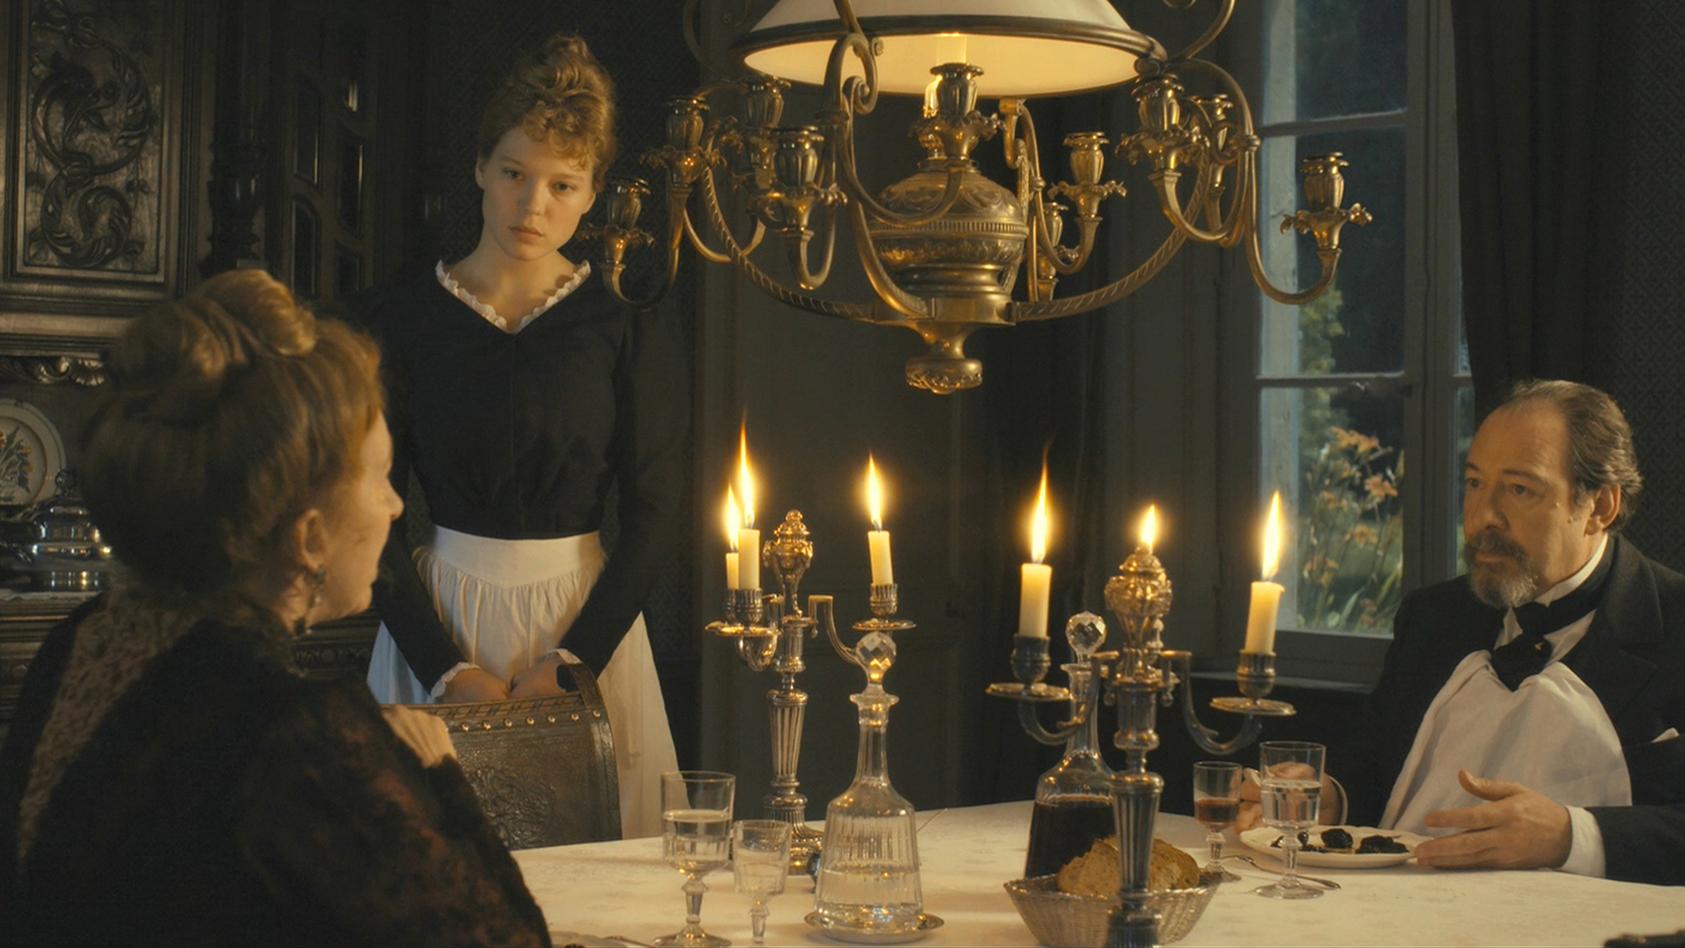 Lea-Seydoux-as-C-lestine-in-Journal-d-une-femme-de-chambre-Diary-of-a-Chambermaid-lea-seydoux-38817943-1685-948